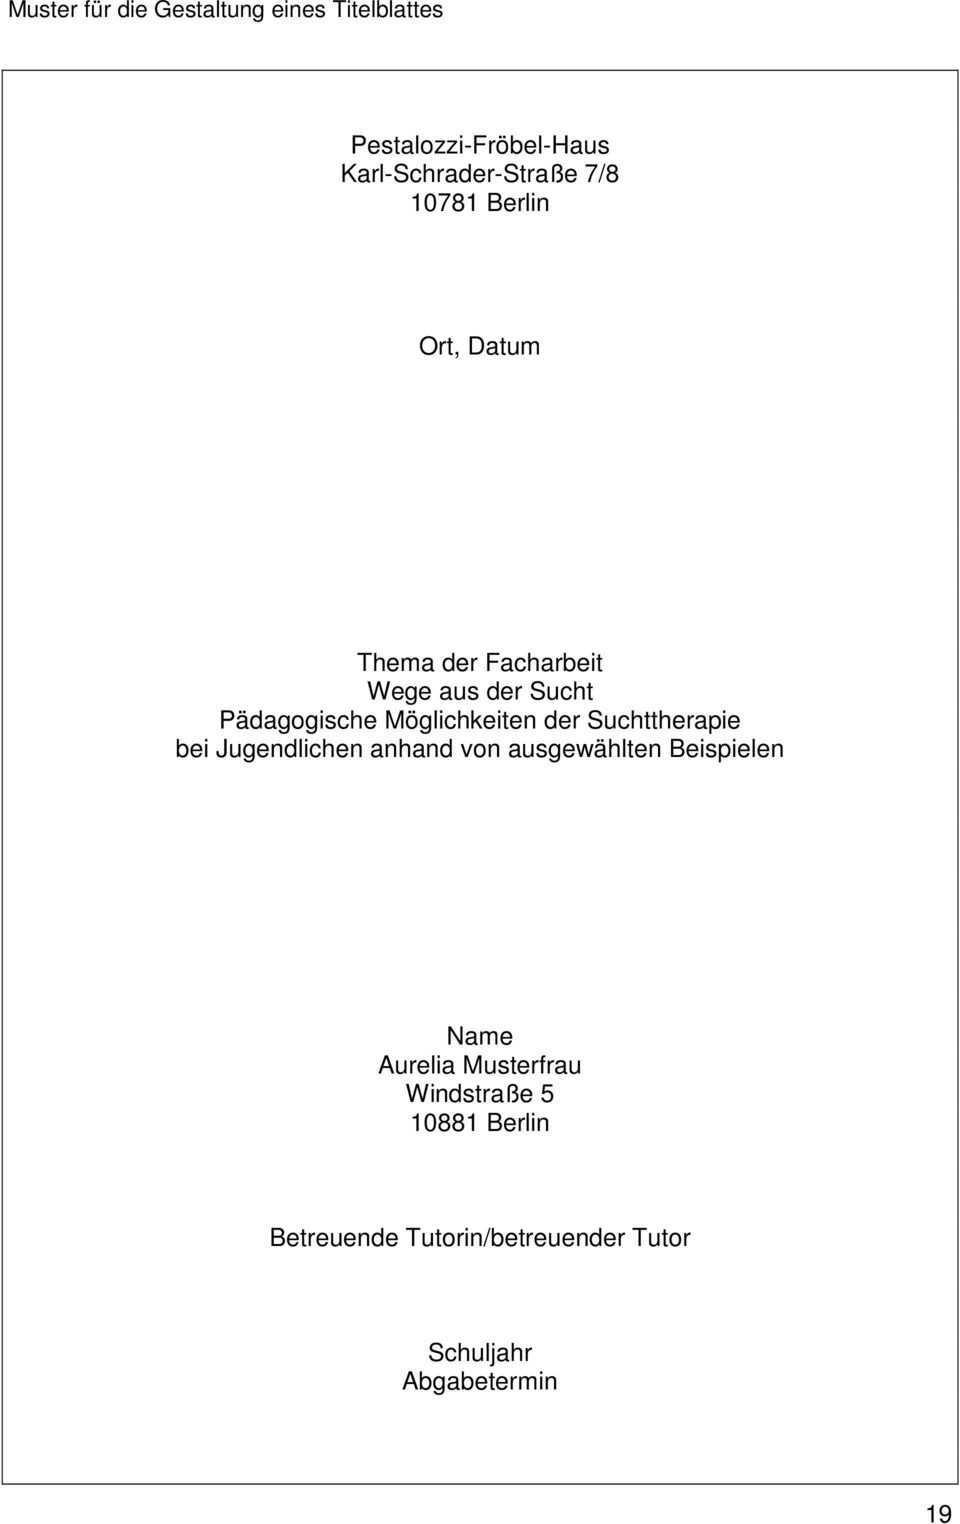 Fachschule Fur Sozialpadagogik Leitfaden Zum Erstellen Der Facharbeit Jahrgang F4 Pdf Free Download